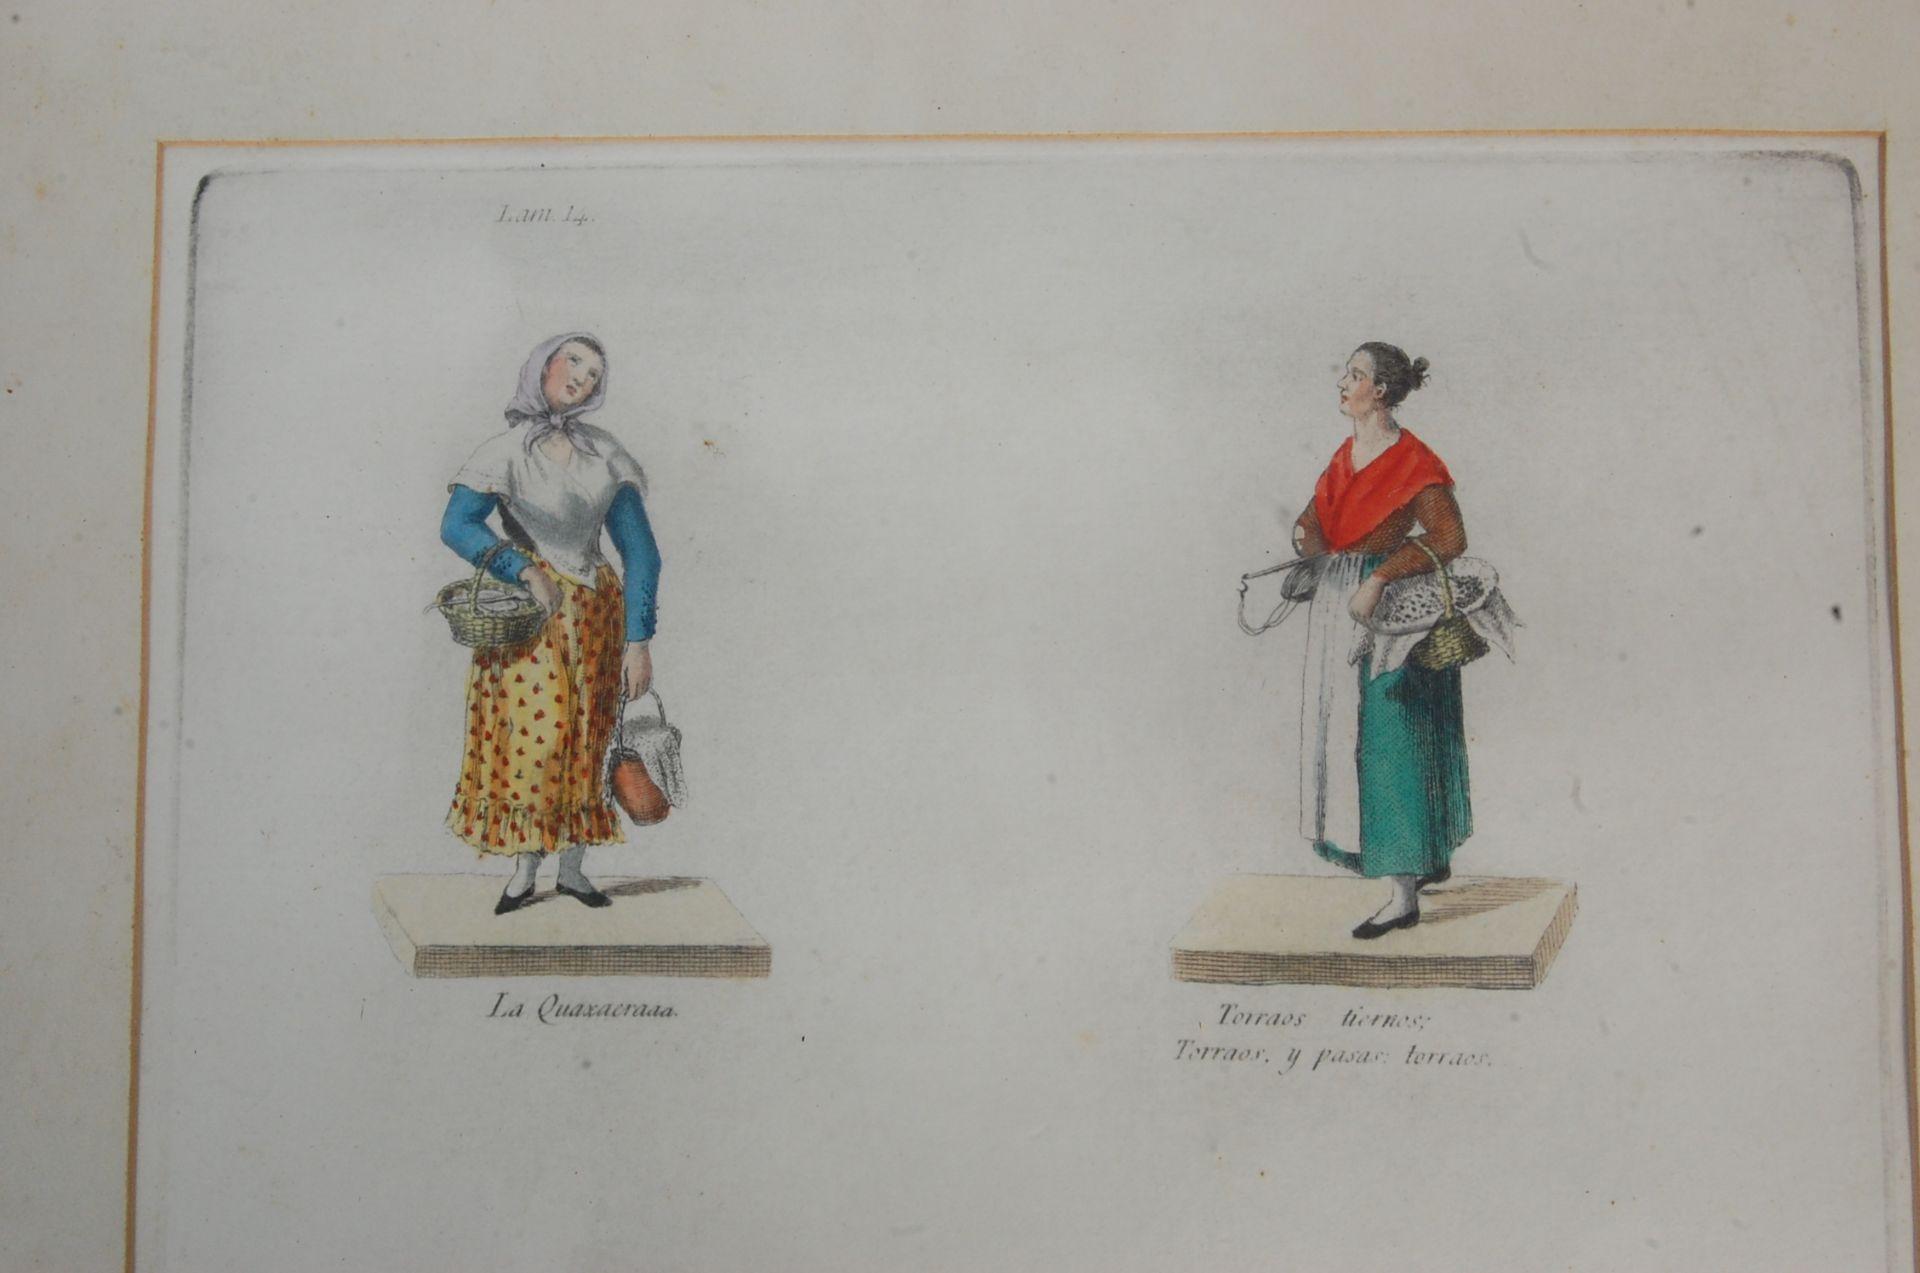 ANTIQUE 19TH CENTURY LITHOGRAPHS PEINTS / ETCHING PLATES - Bild 8 aus 16